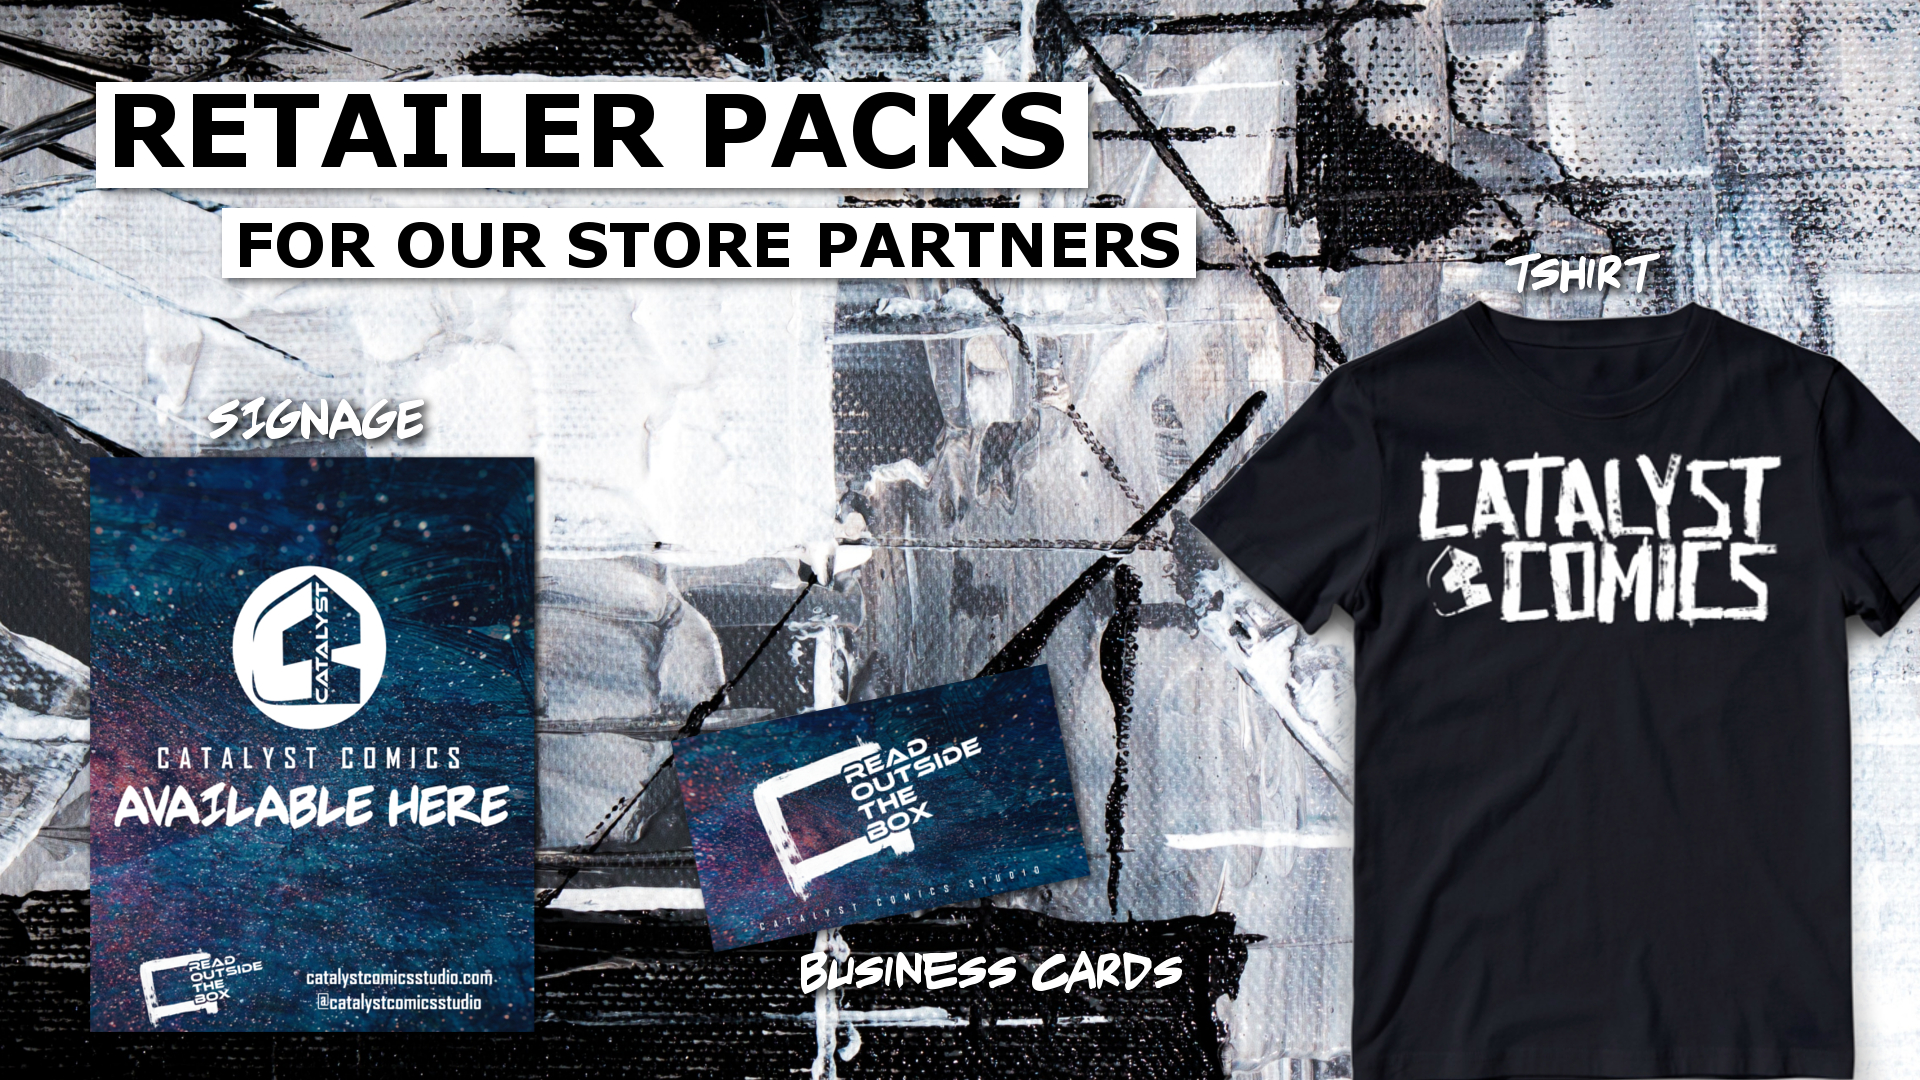 RetailerPacks